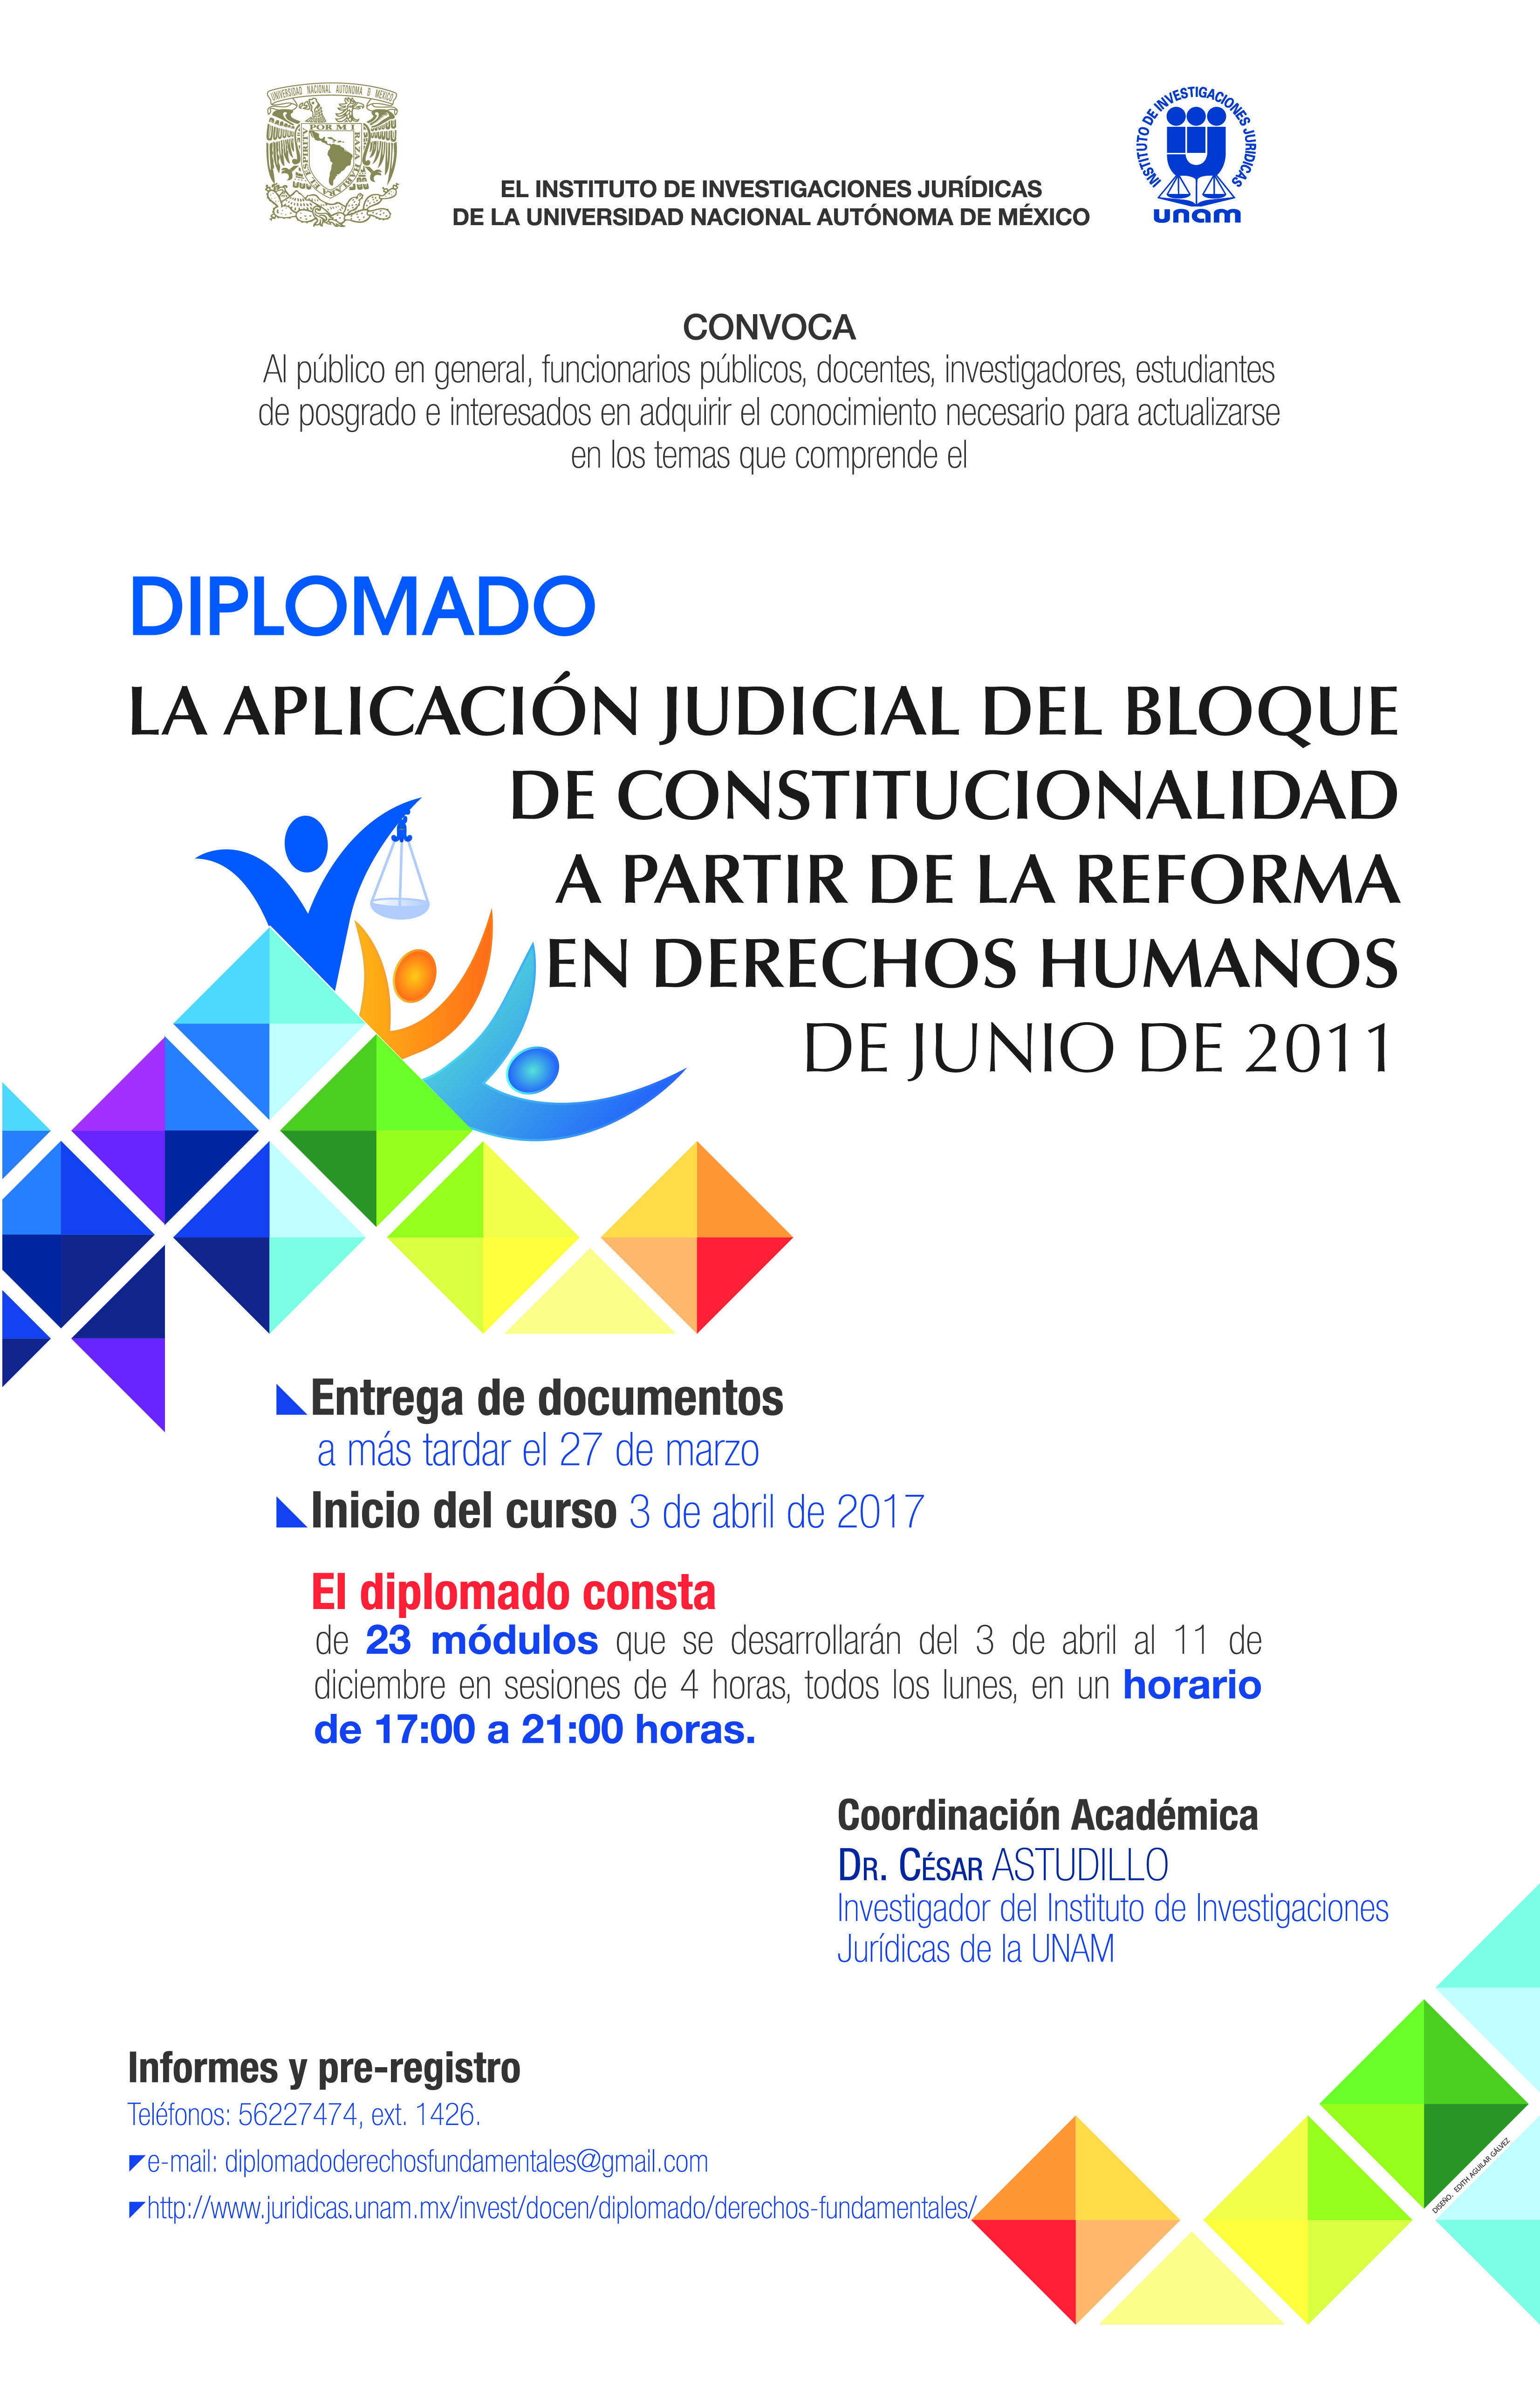 La aplicación judicial del bloque de Constitucionalidad a partir de la Reforma de Junio de 2011